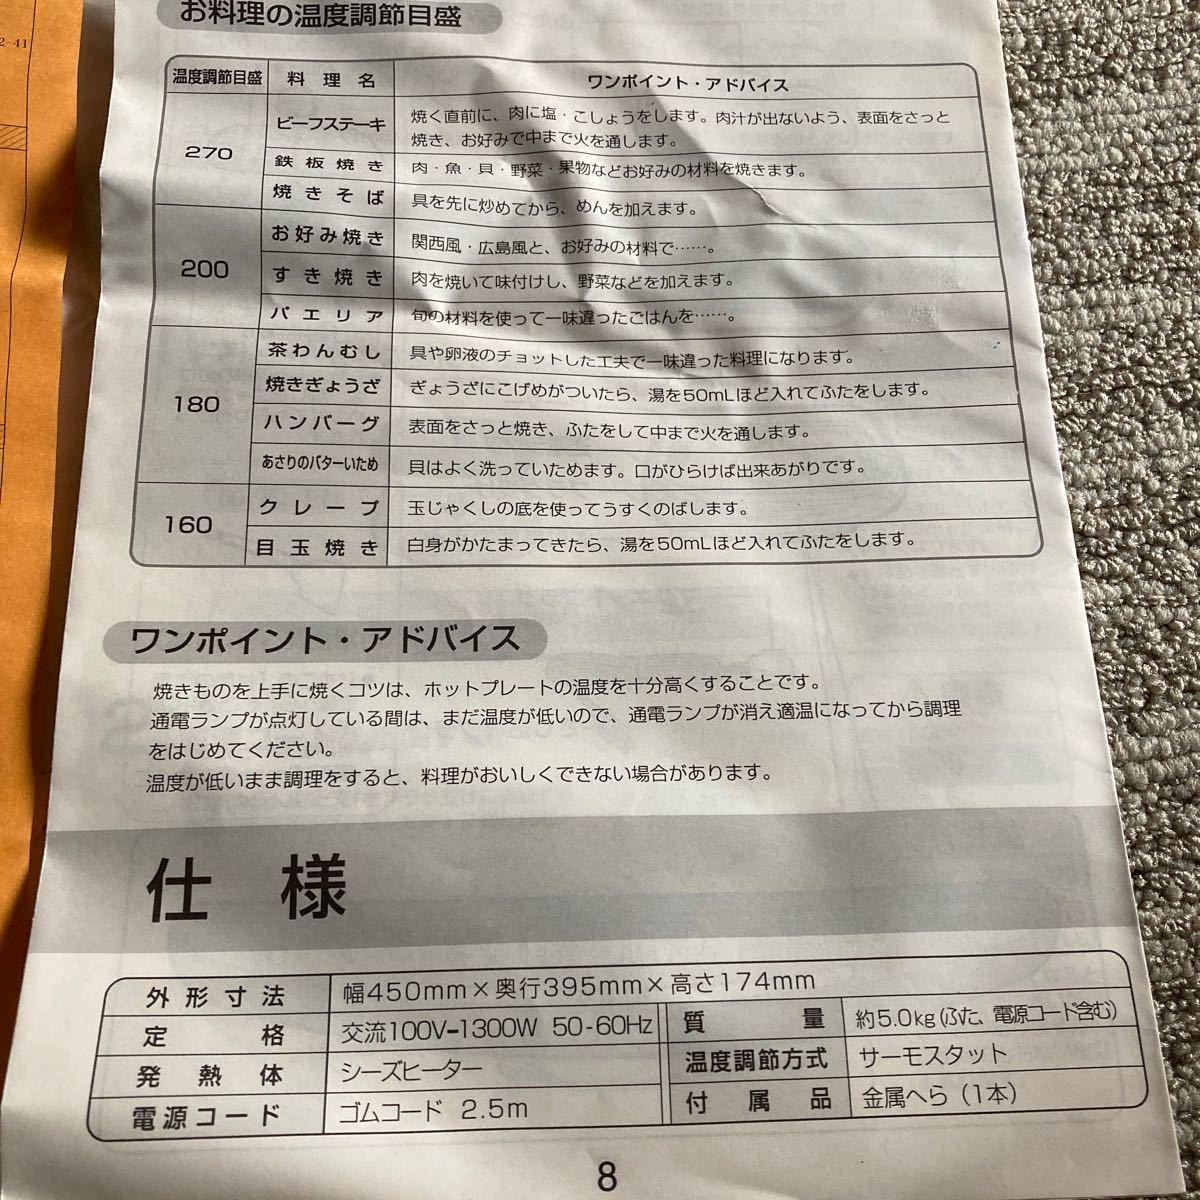 ホットプレート サンヨー HPS-KT1